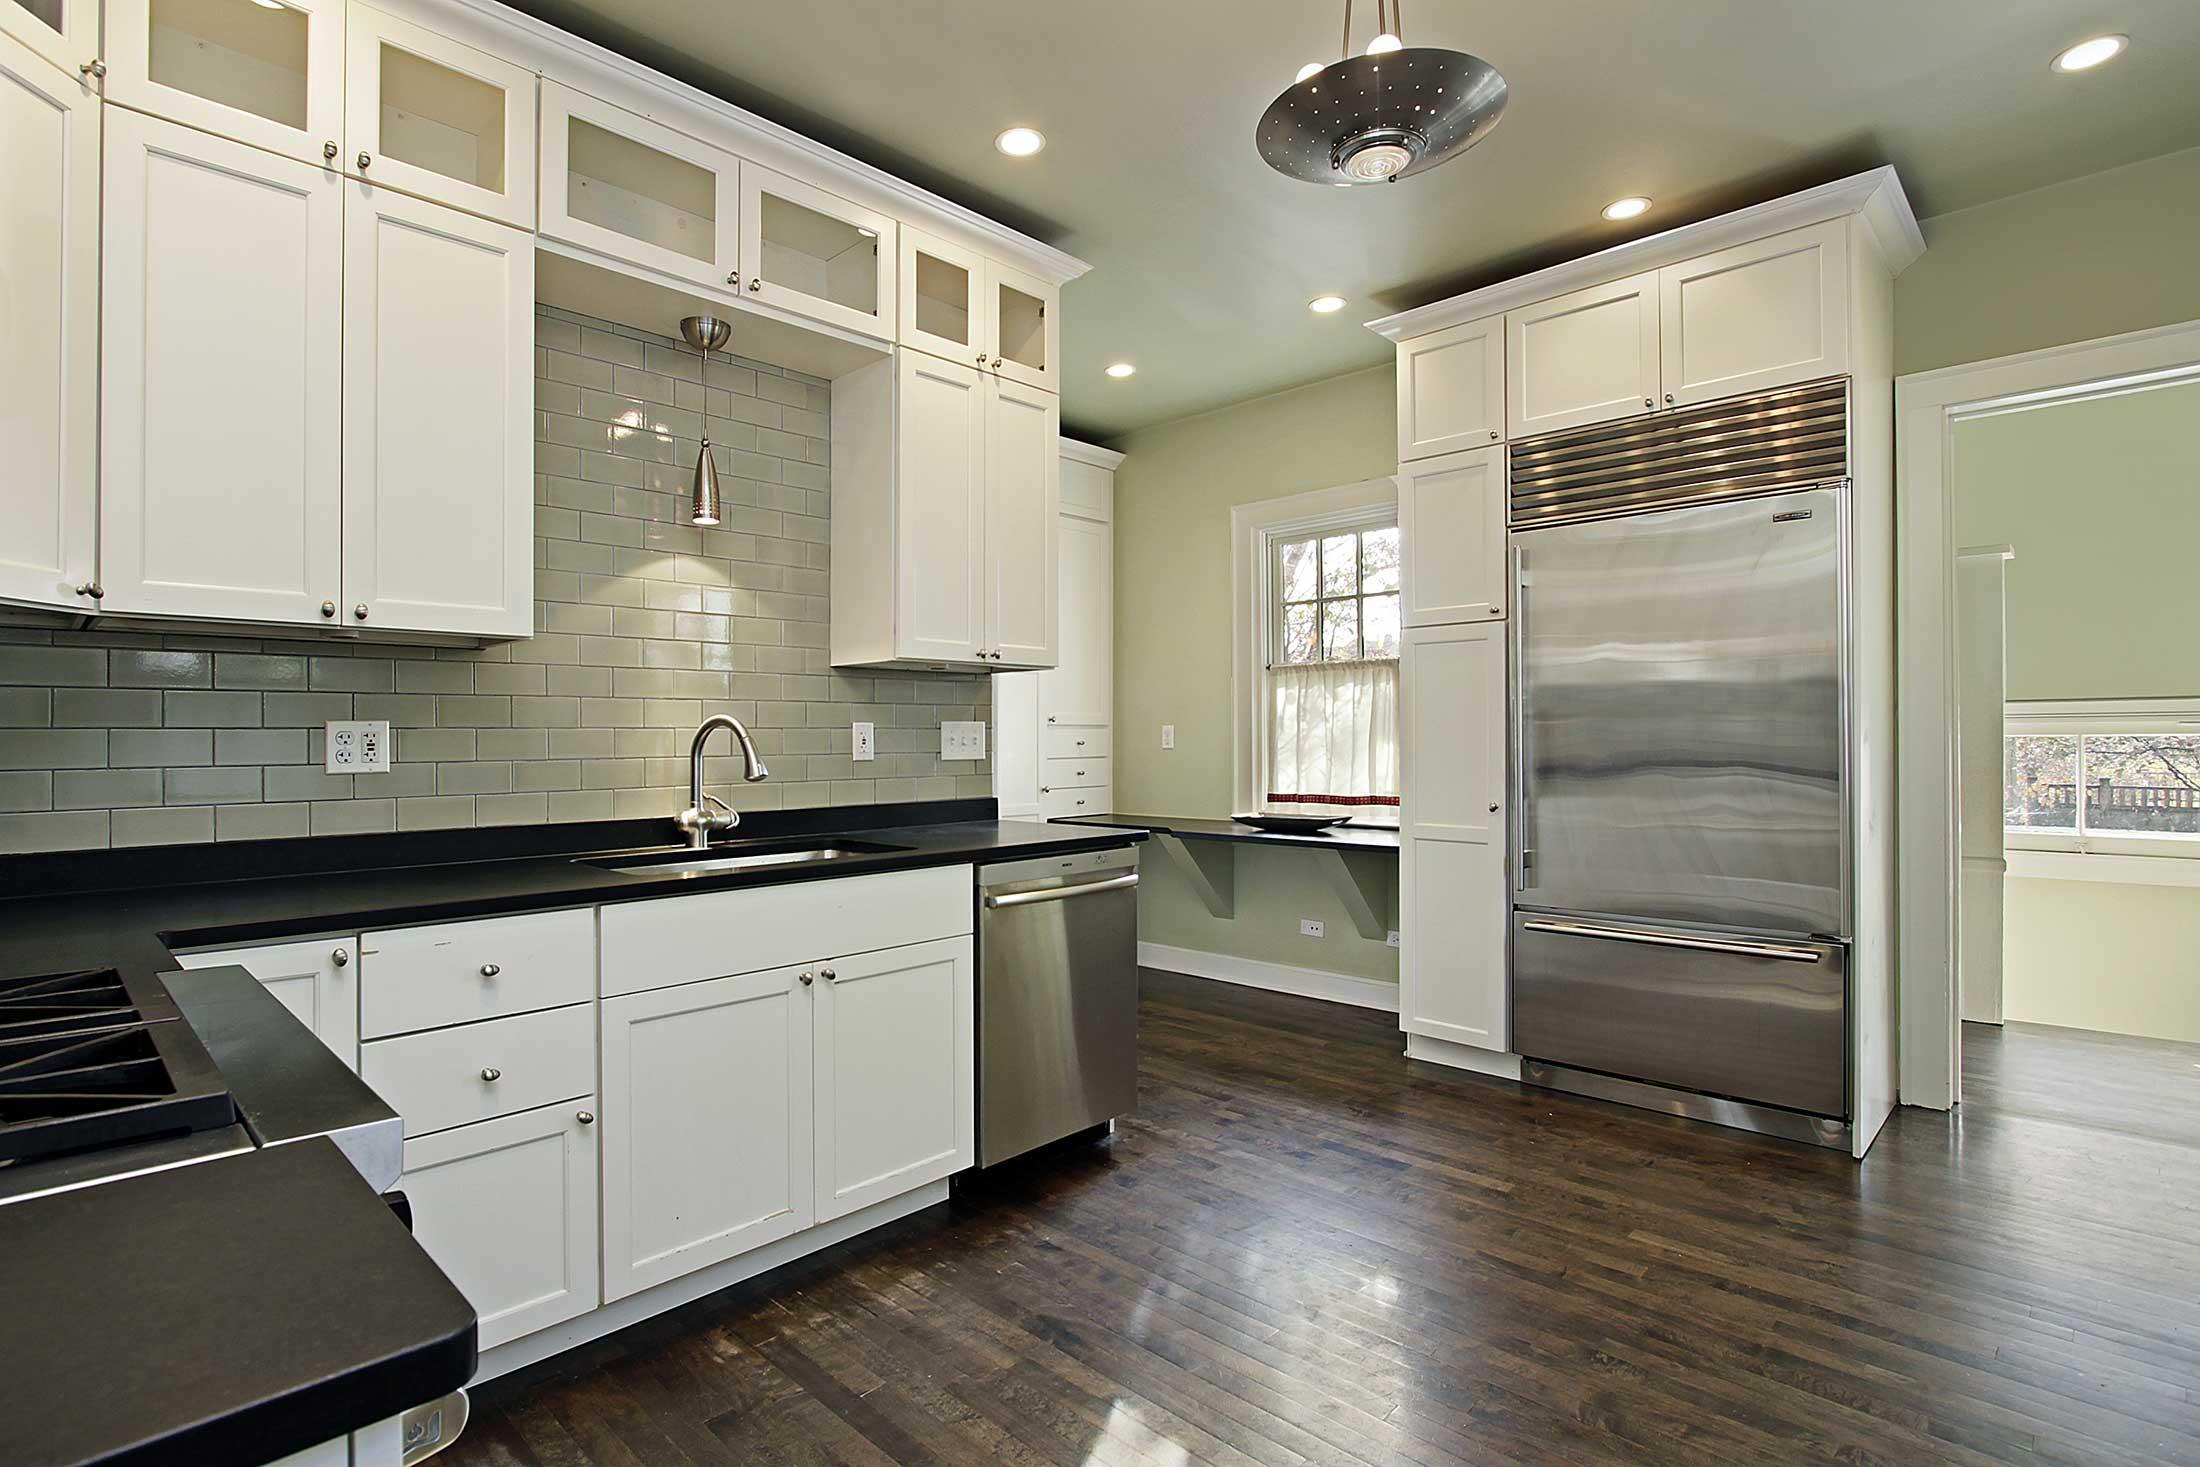 mapleleafkitchencabinet maple kitchen cabinets Maple Leaf Kitchen Cabinets Ltd